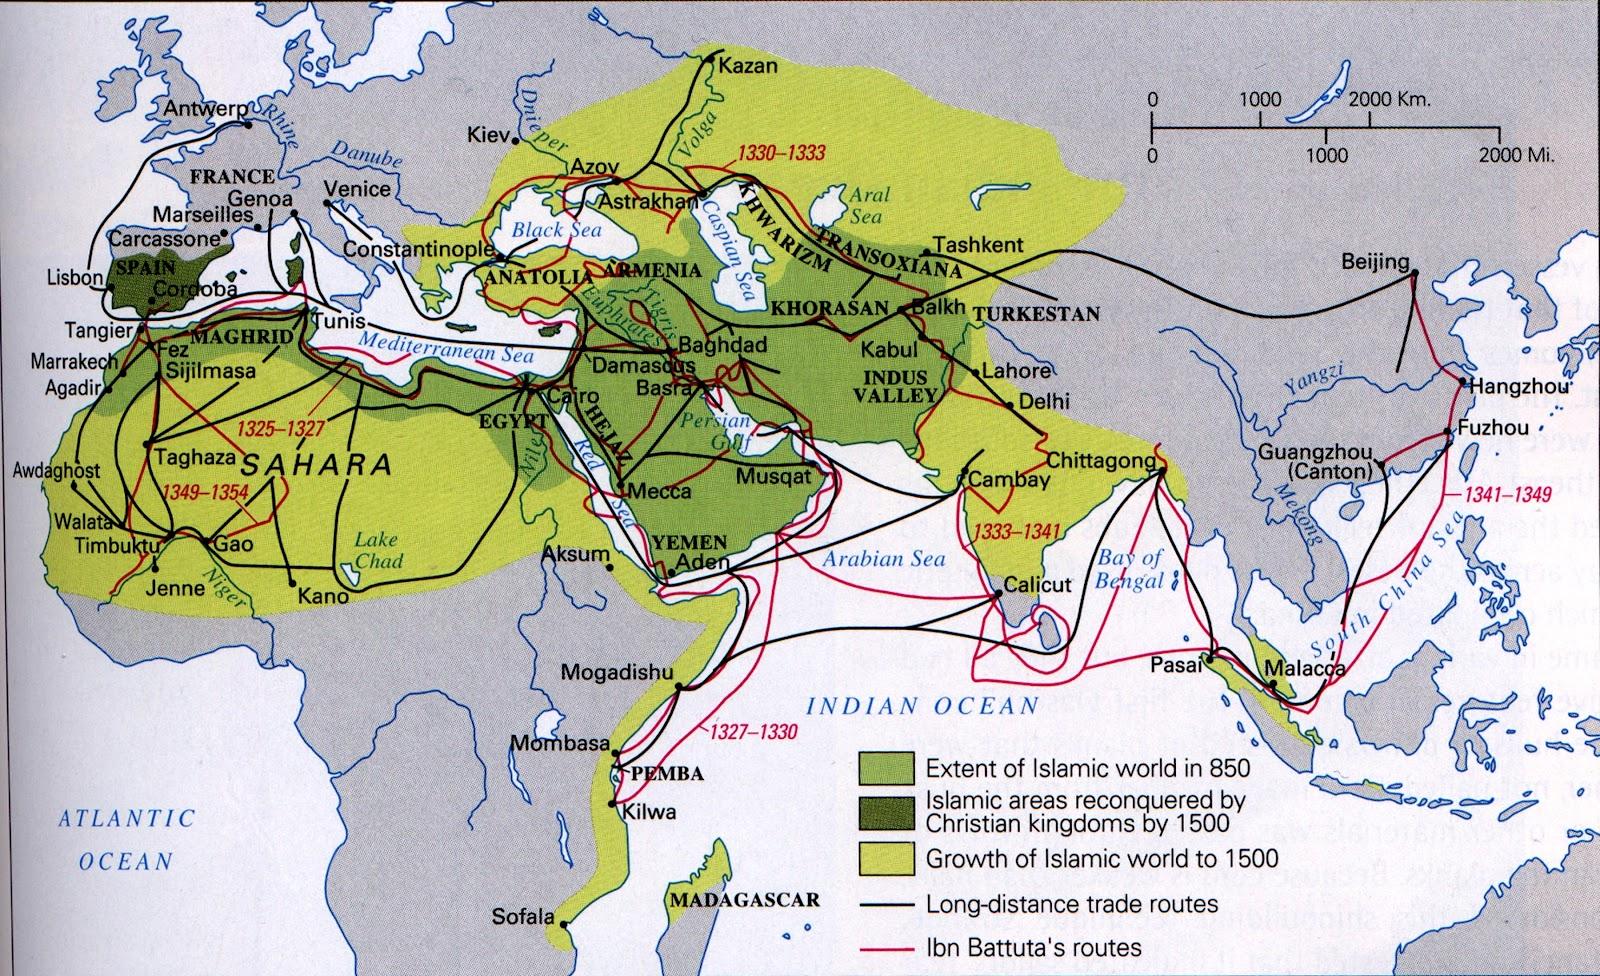 cropped updated map 05b ibn battuta252c